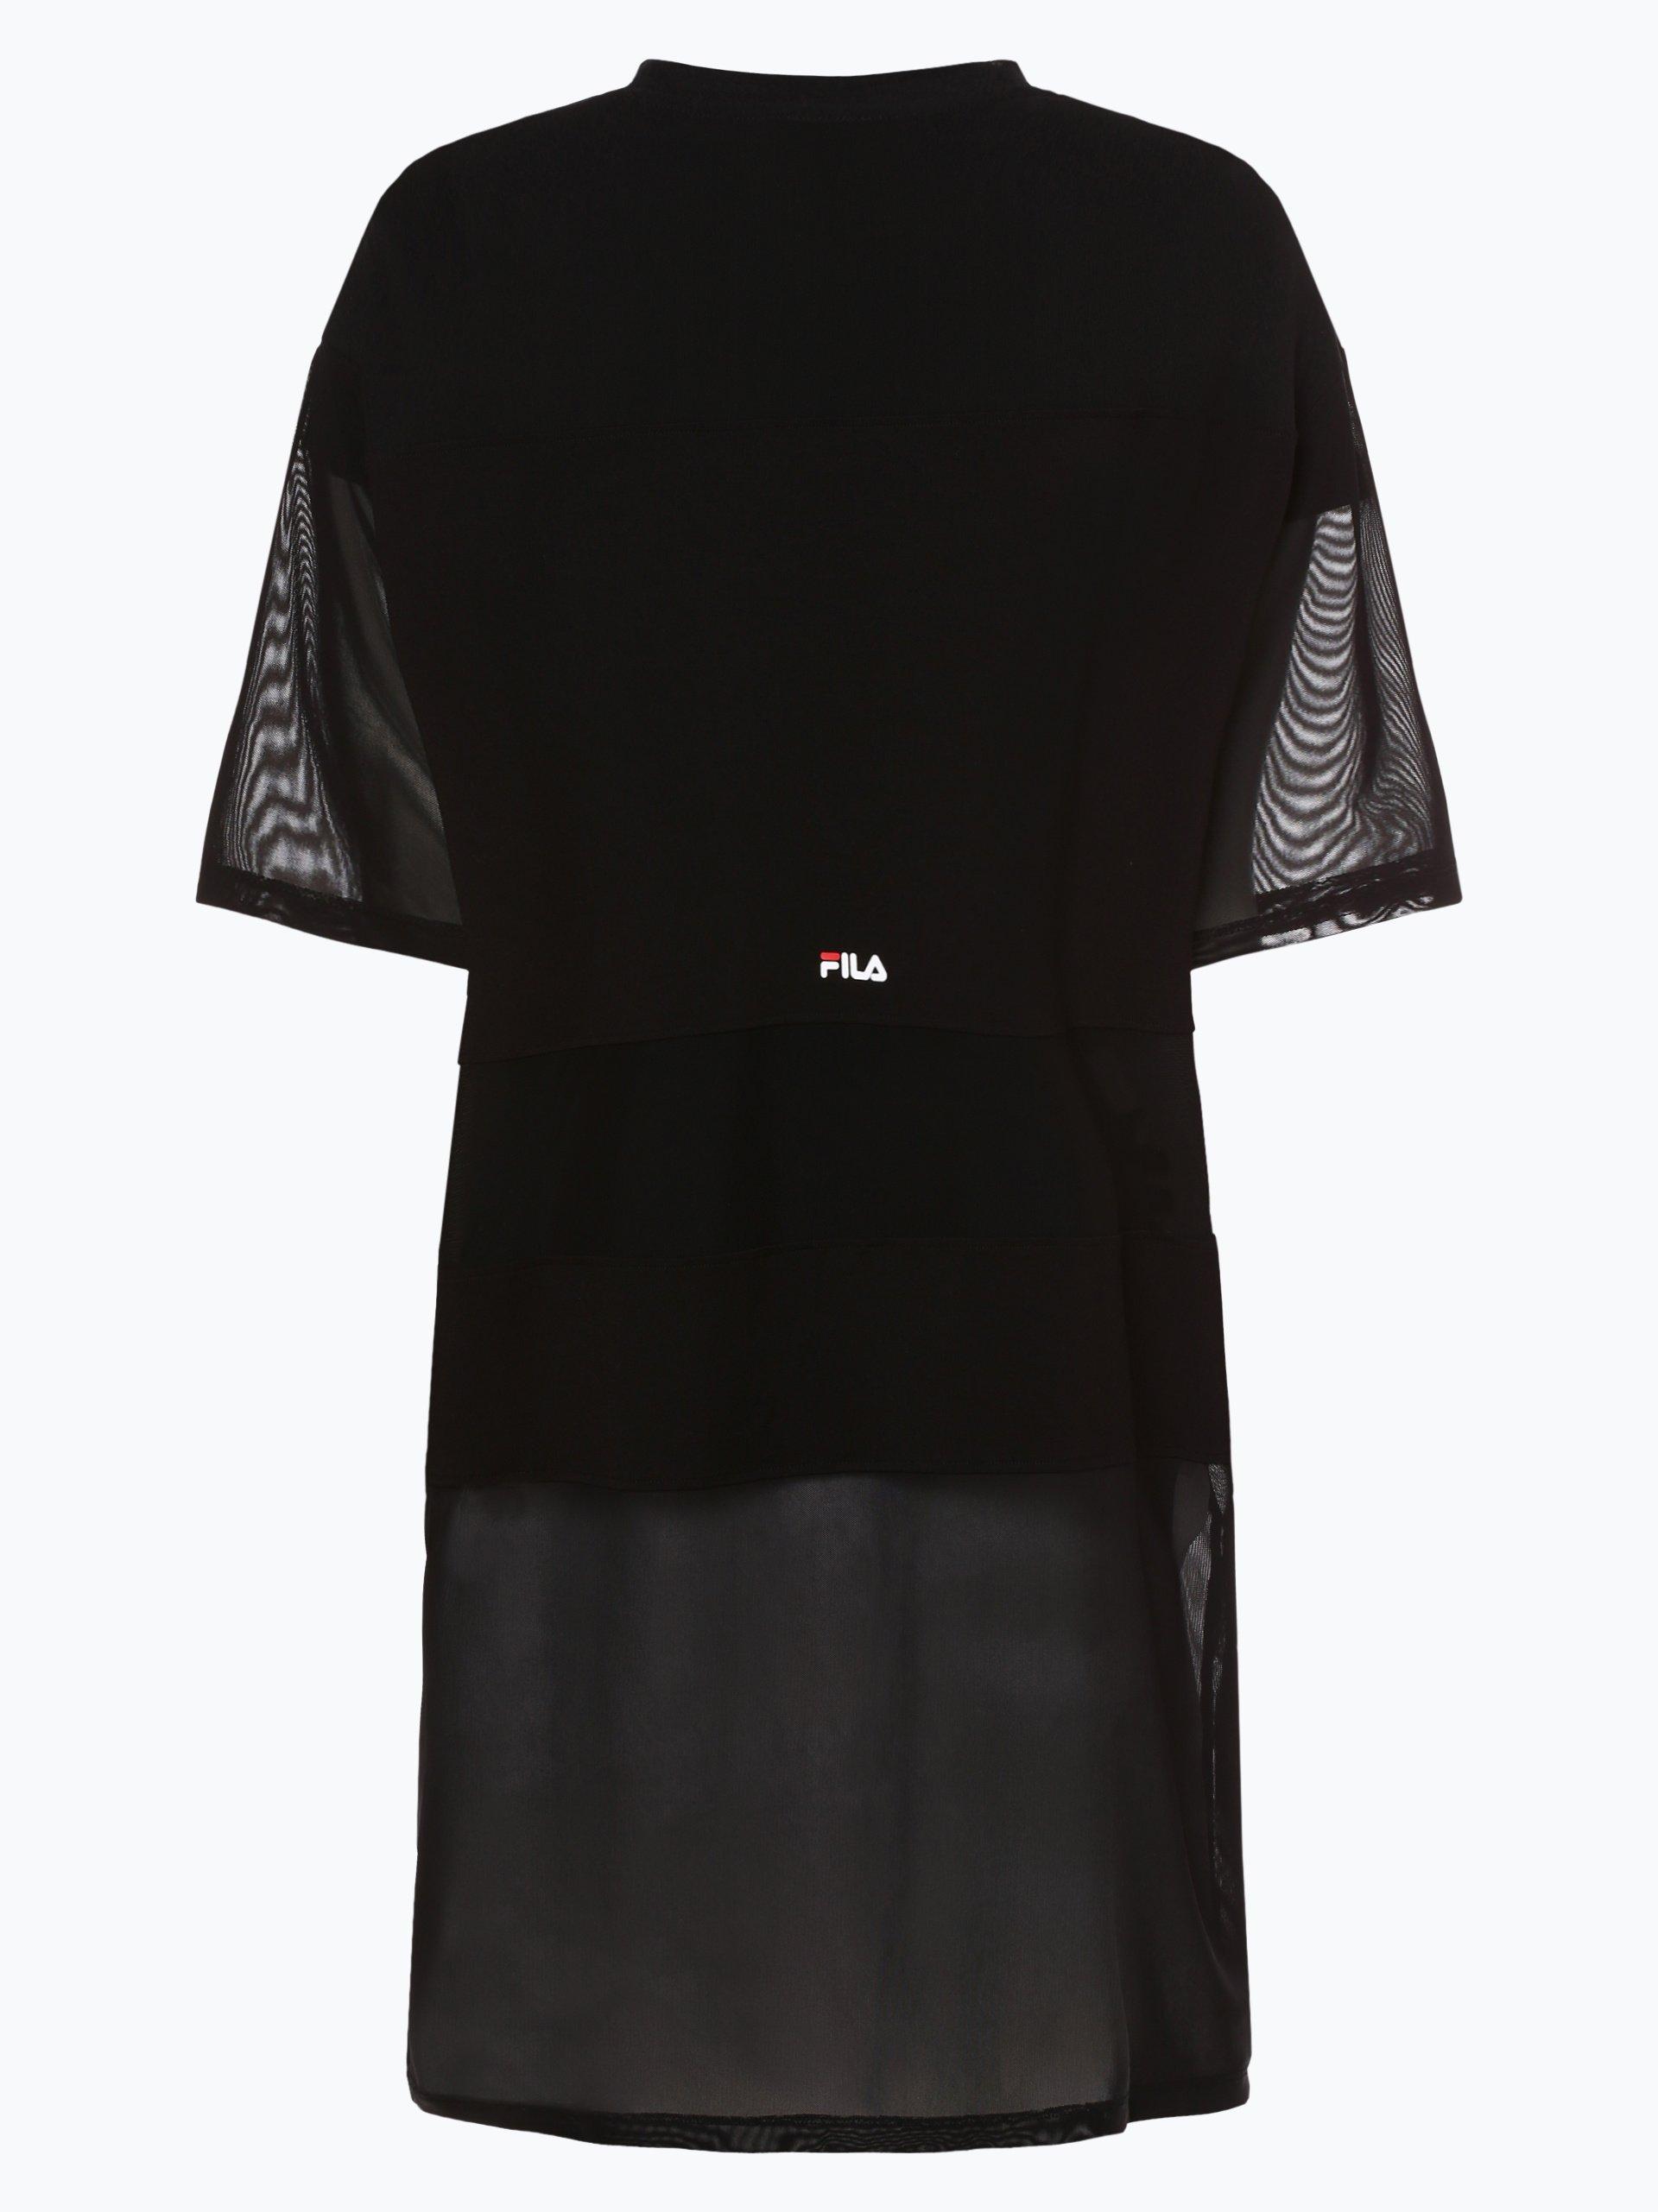 FILA T-shirt damski – Emily